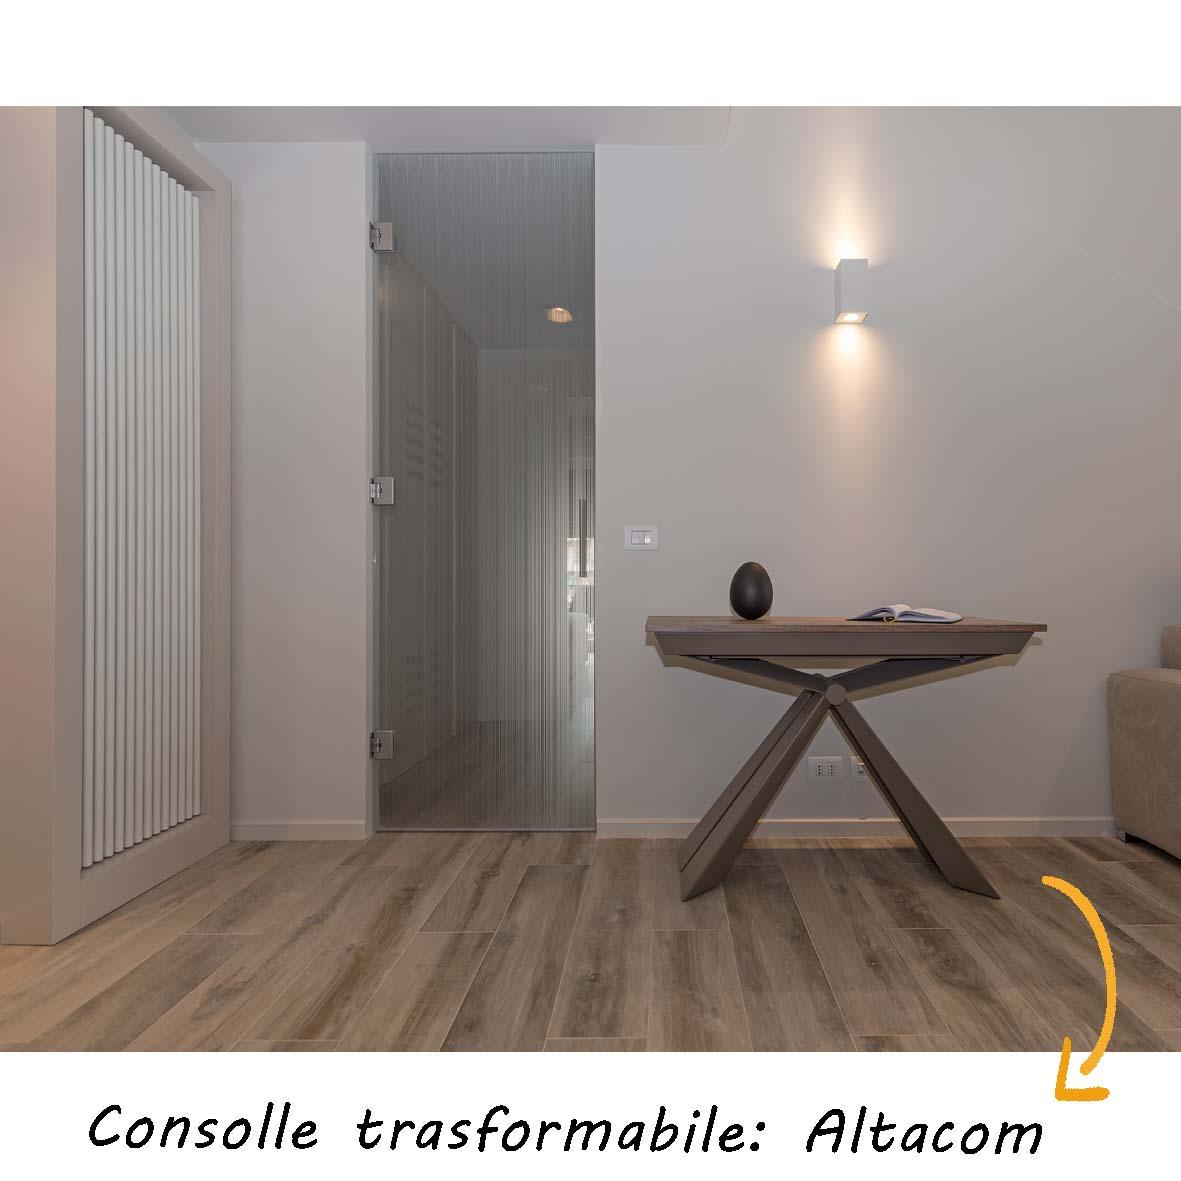 realizzazioni-centro dell'arredamento-f&f interni-altacom-consolle